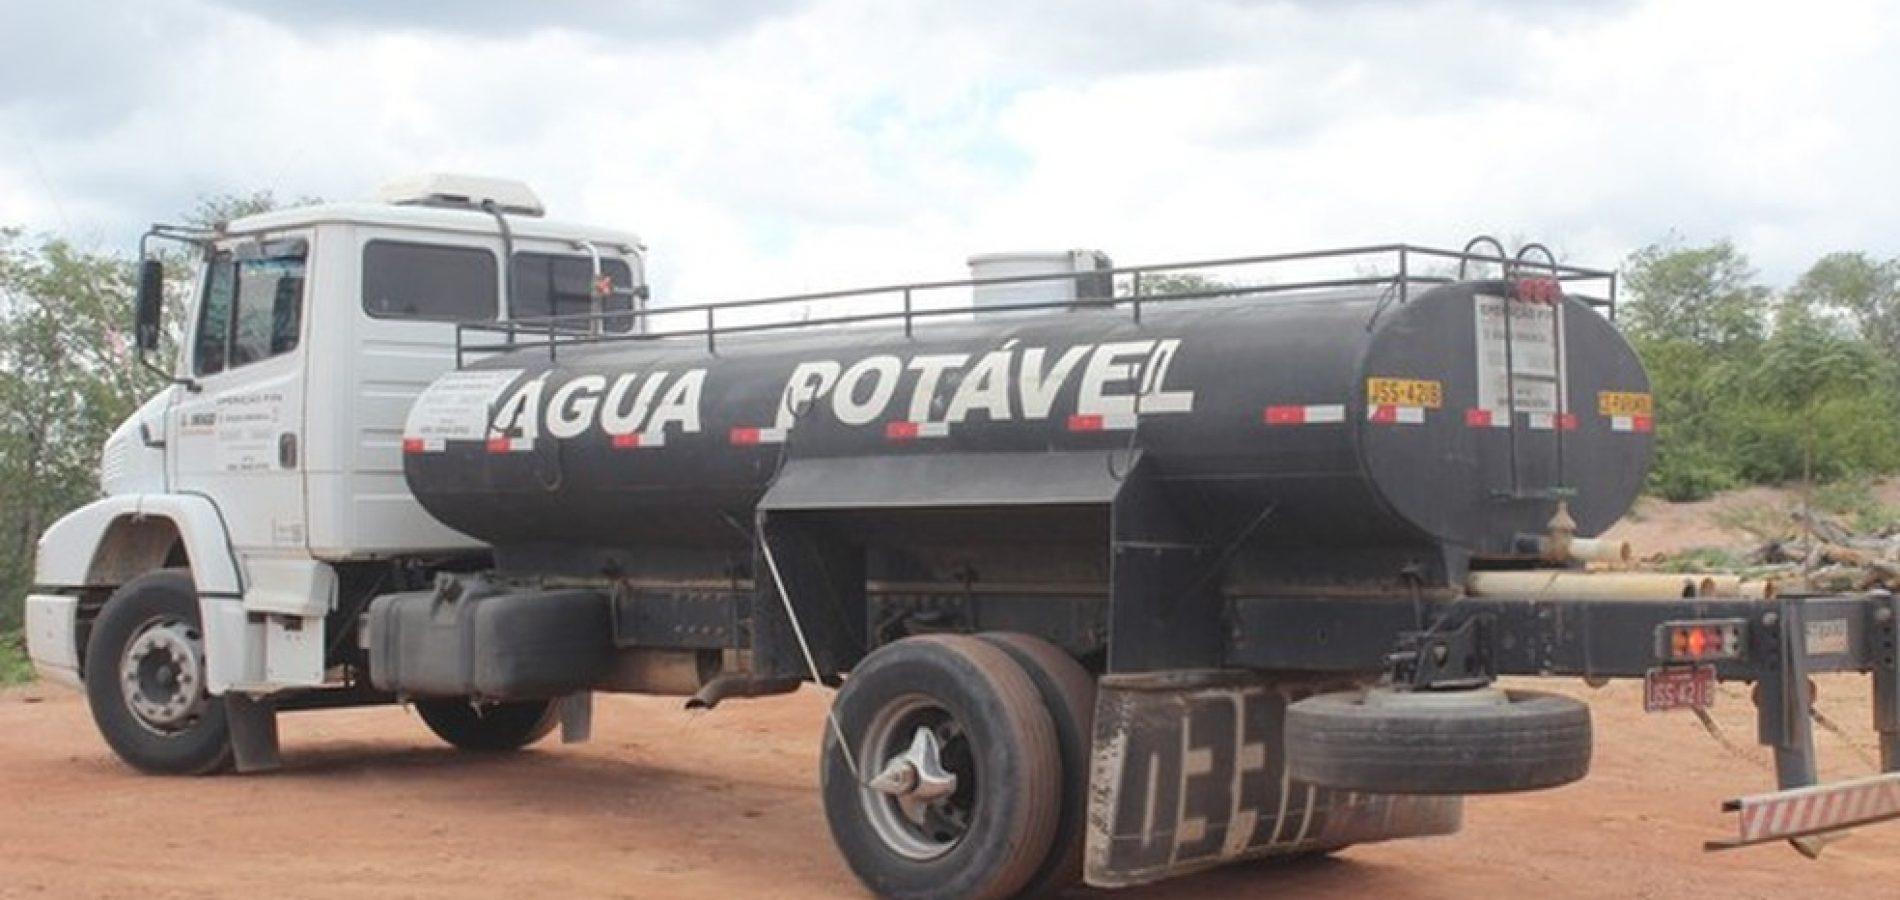 Vinte e sete cidades do Piauí ficam sem abastecimento após governo suspender Operação Carro-pipa